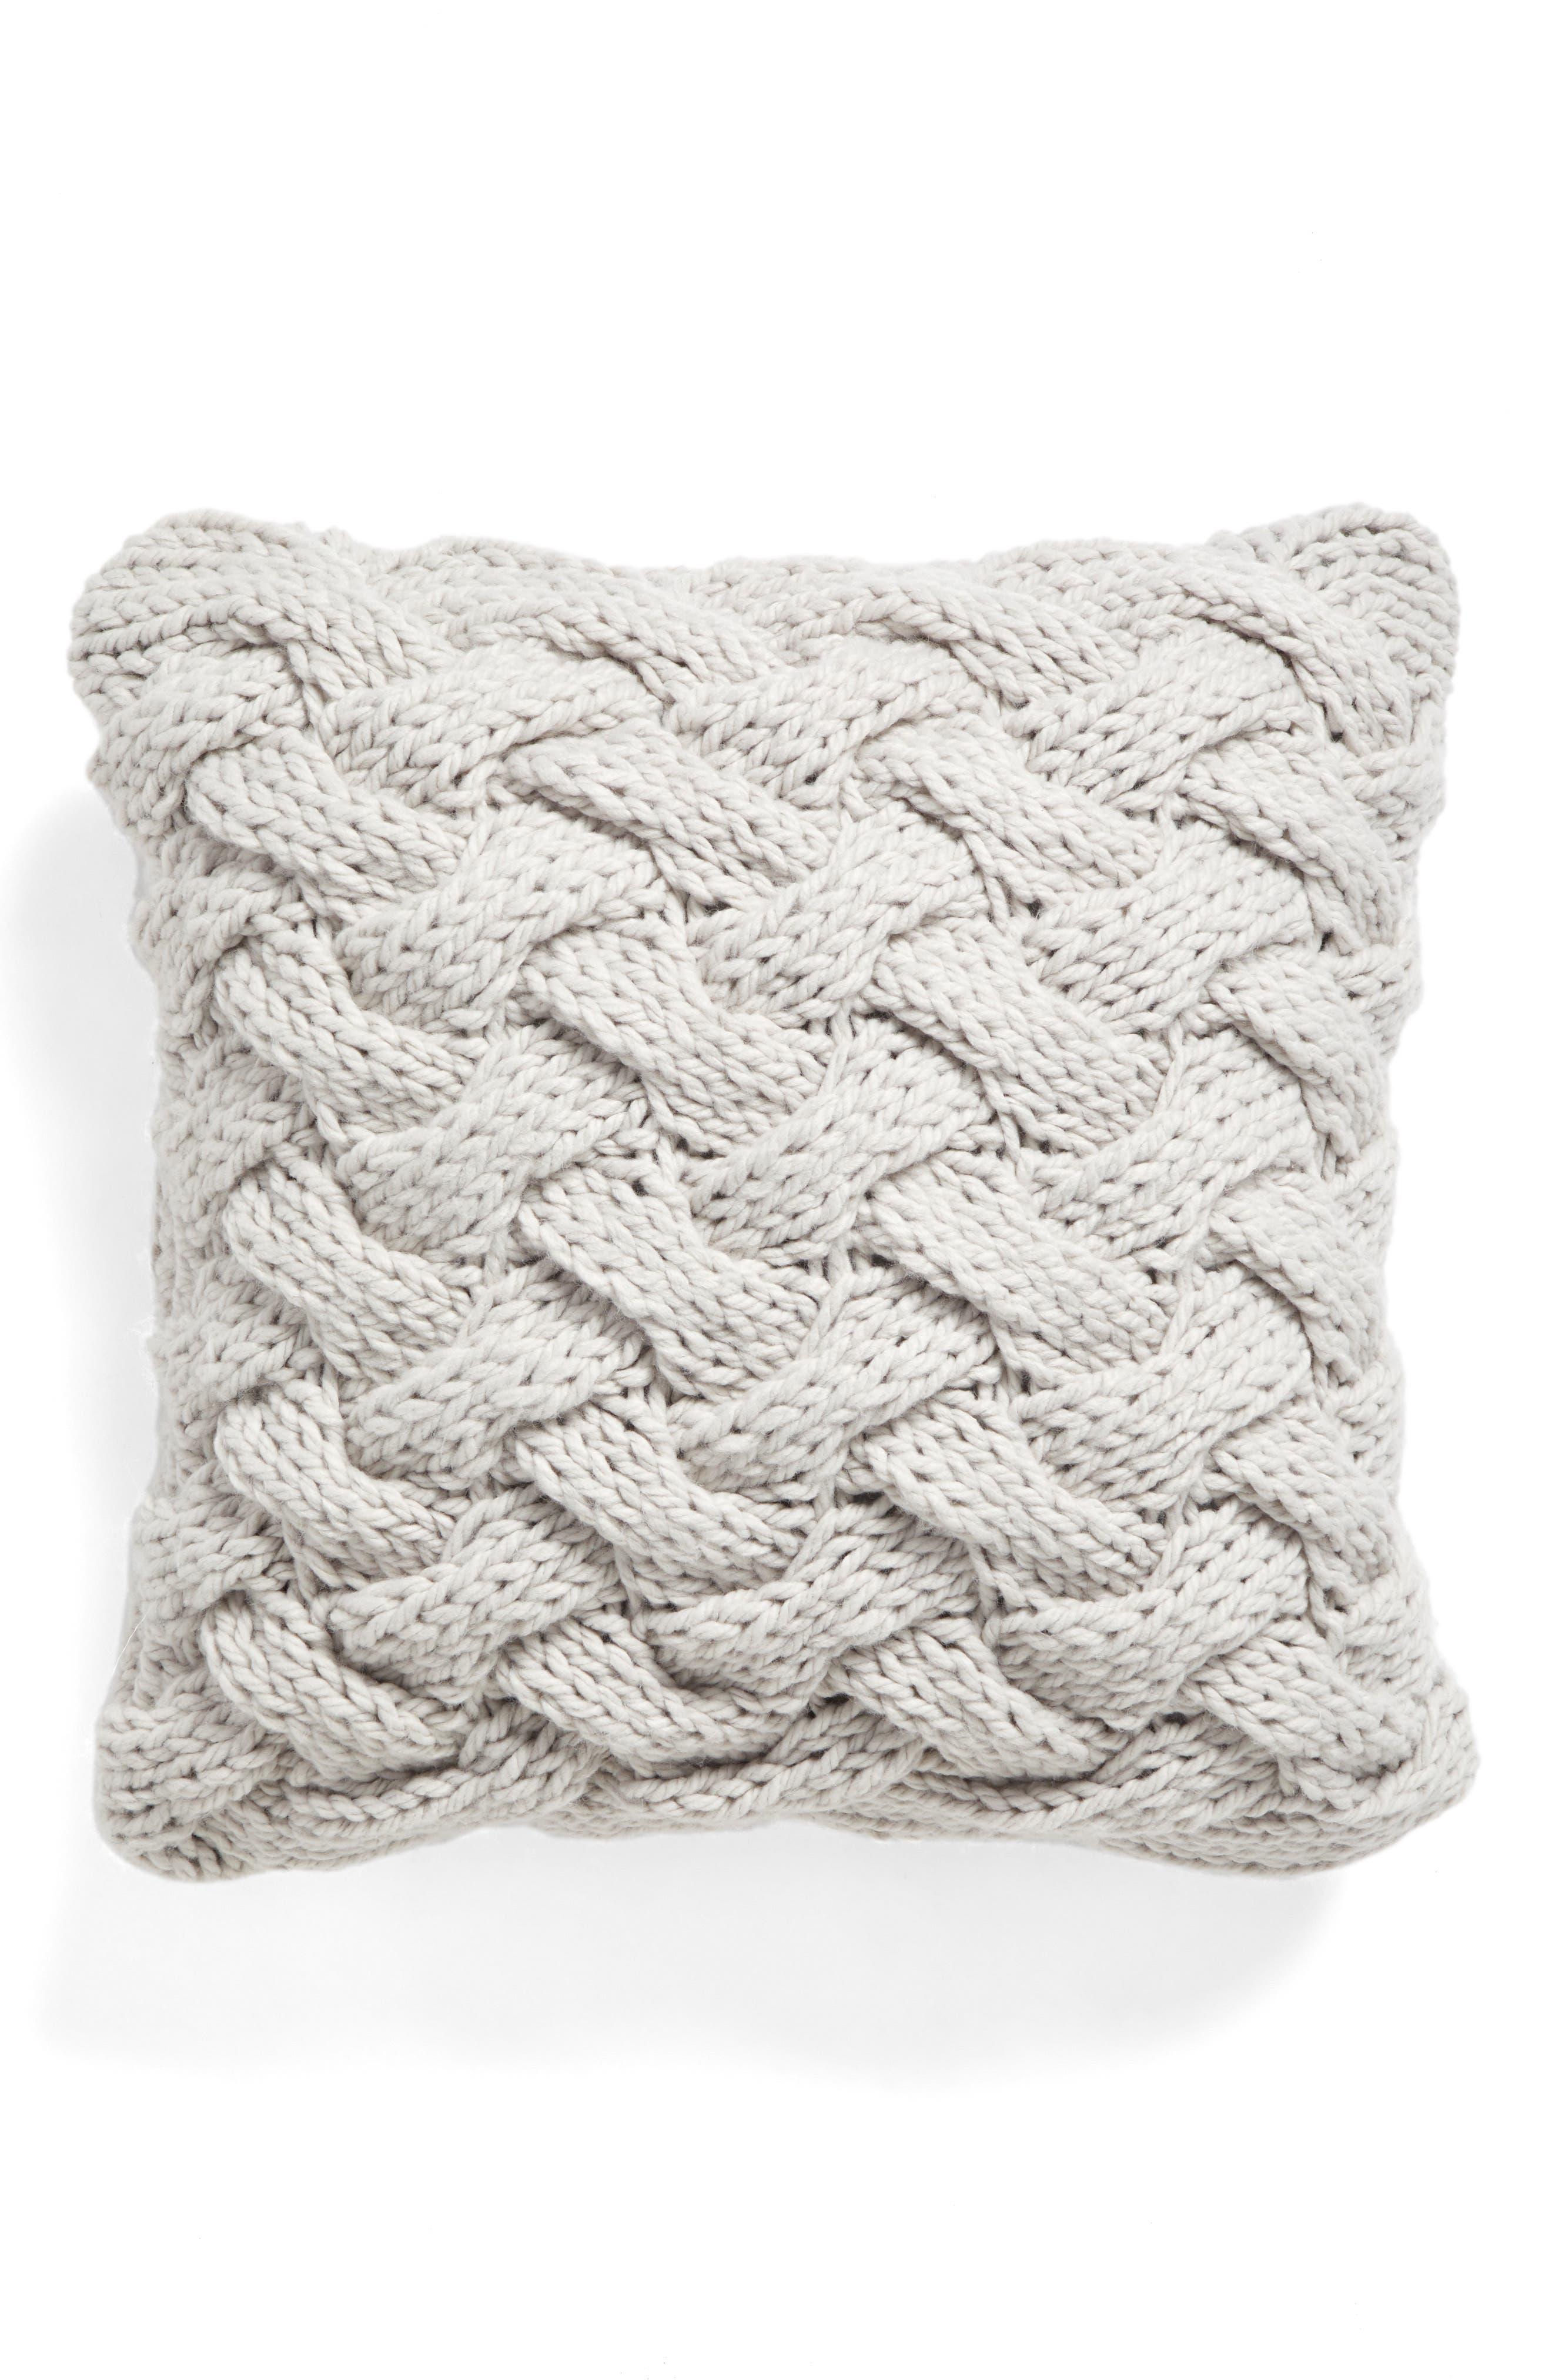 Basket Weave Accent Pillow,                             Main thumbnail 1, color,                             020